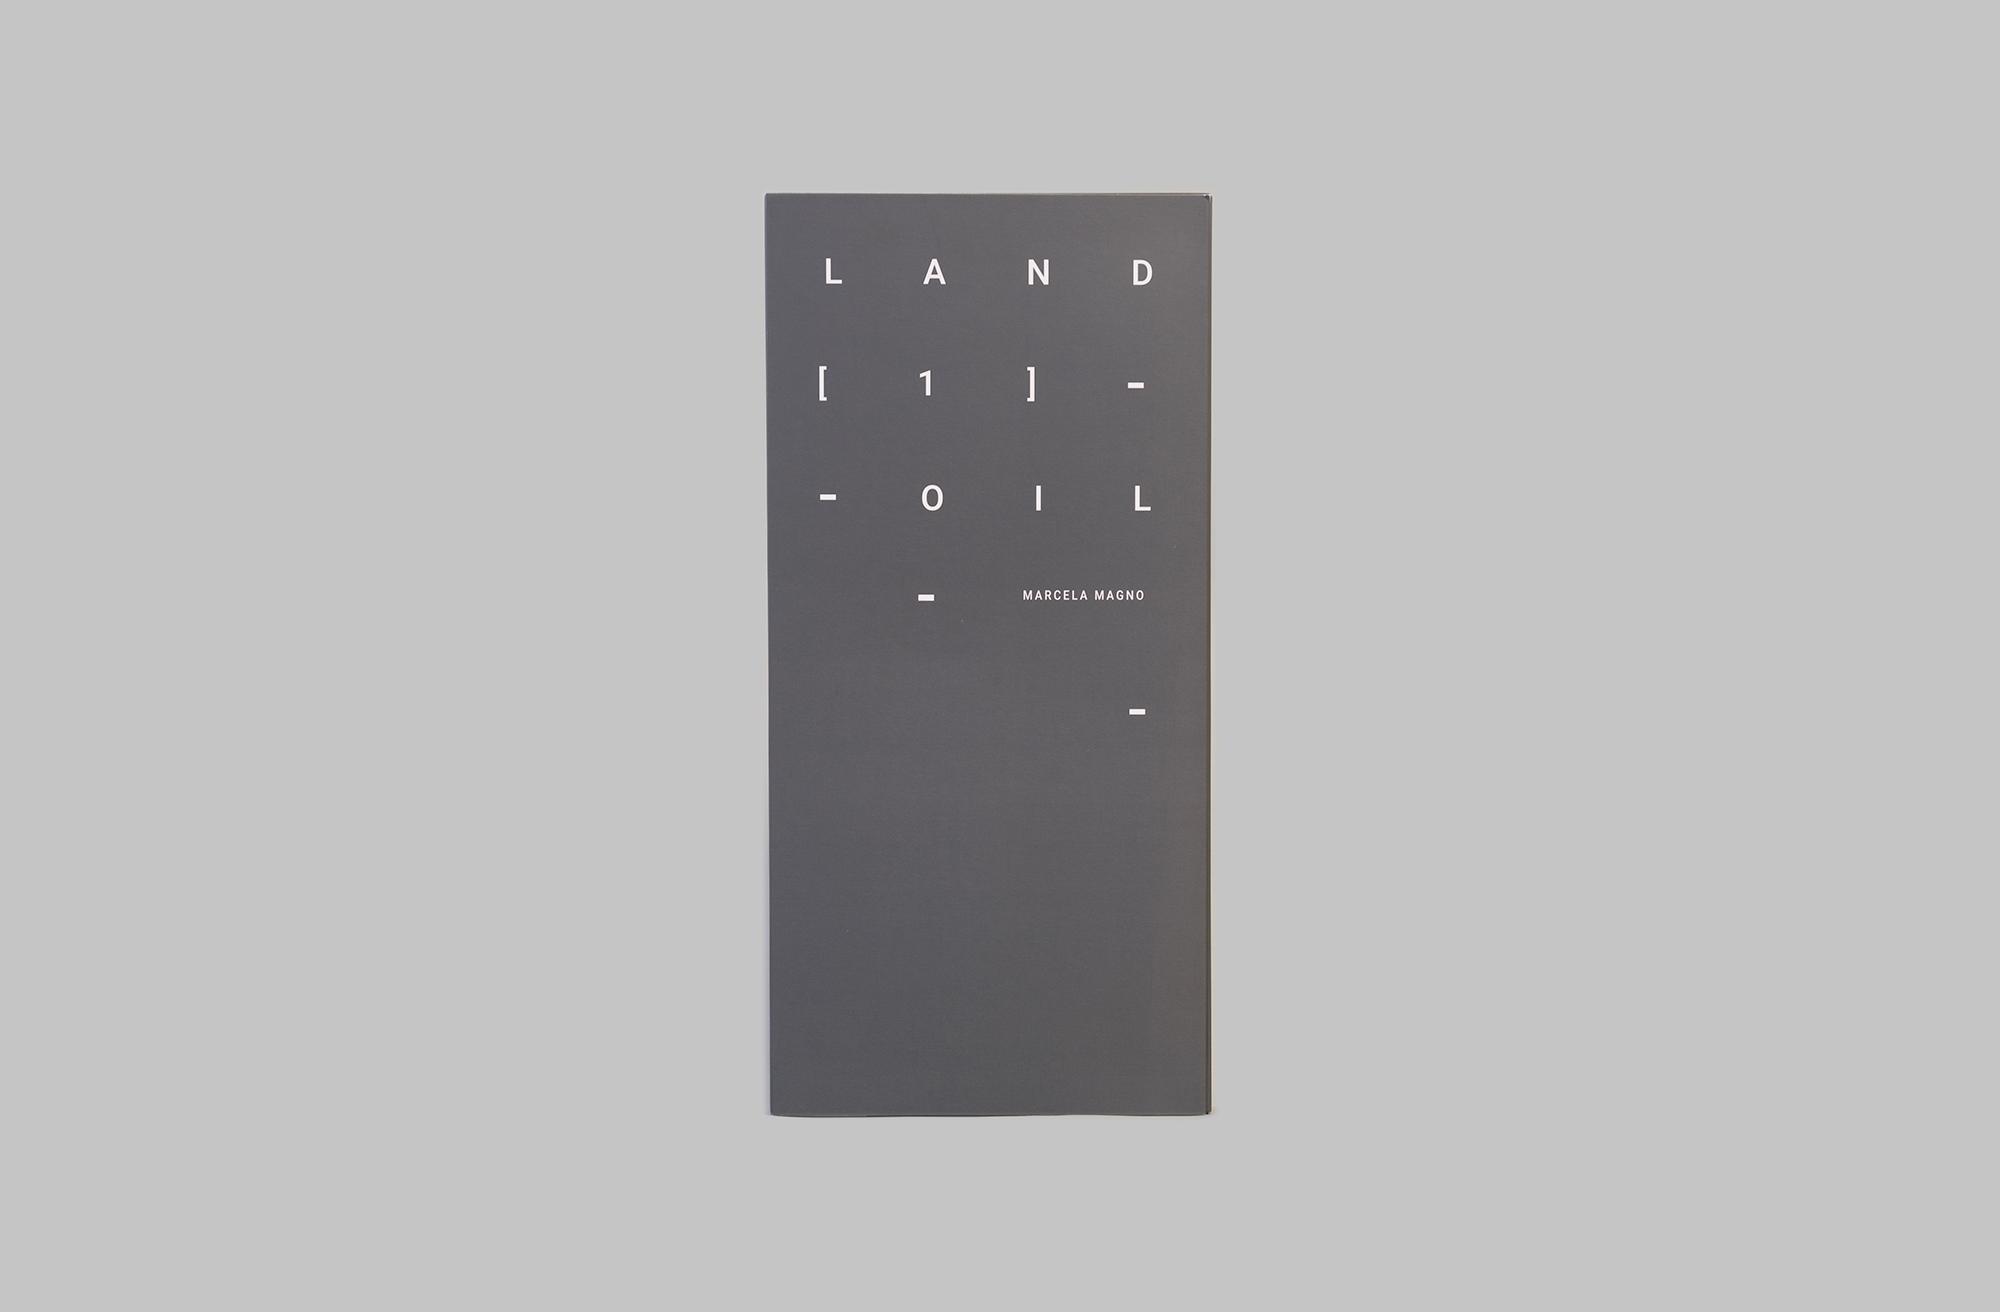 land [1] oil. Frente.